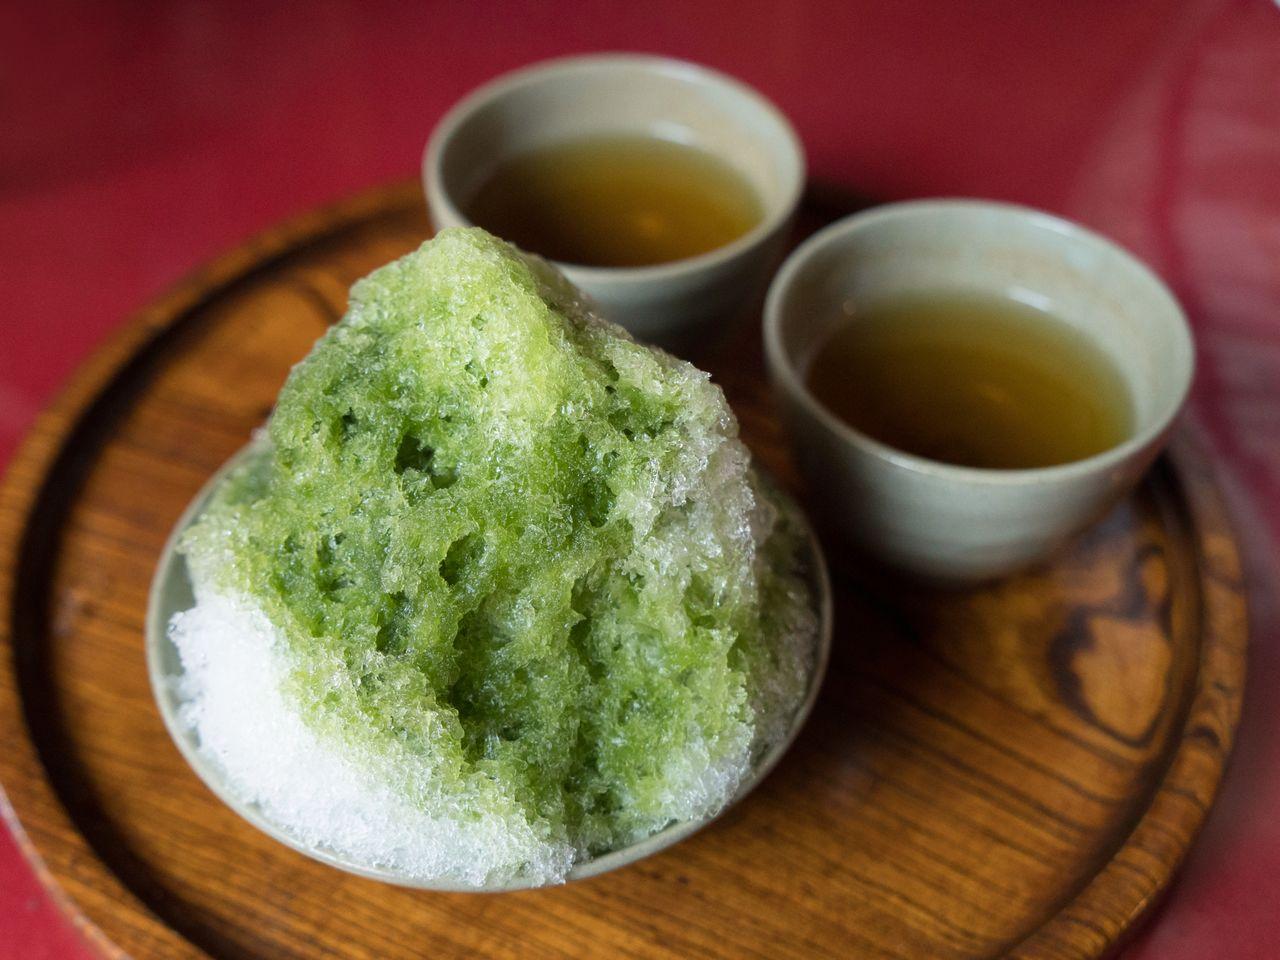 Ледяной десерт «Акафуку» продаётся только в летний период и стоит 520 йен. Бобовую пасту и моти засыпают ледяной стружкой, политую сиропом с чаем маття